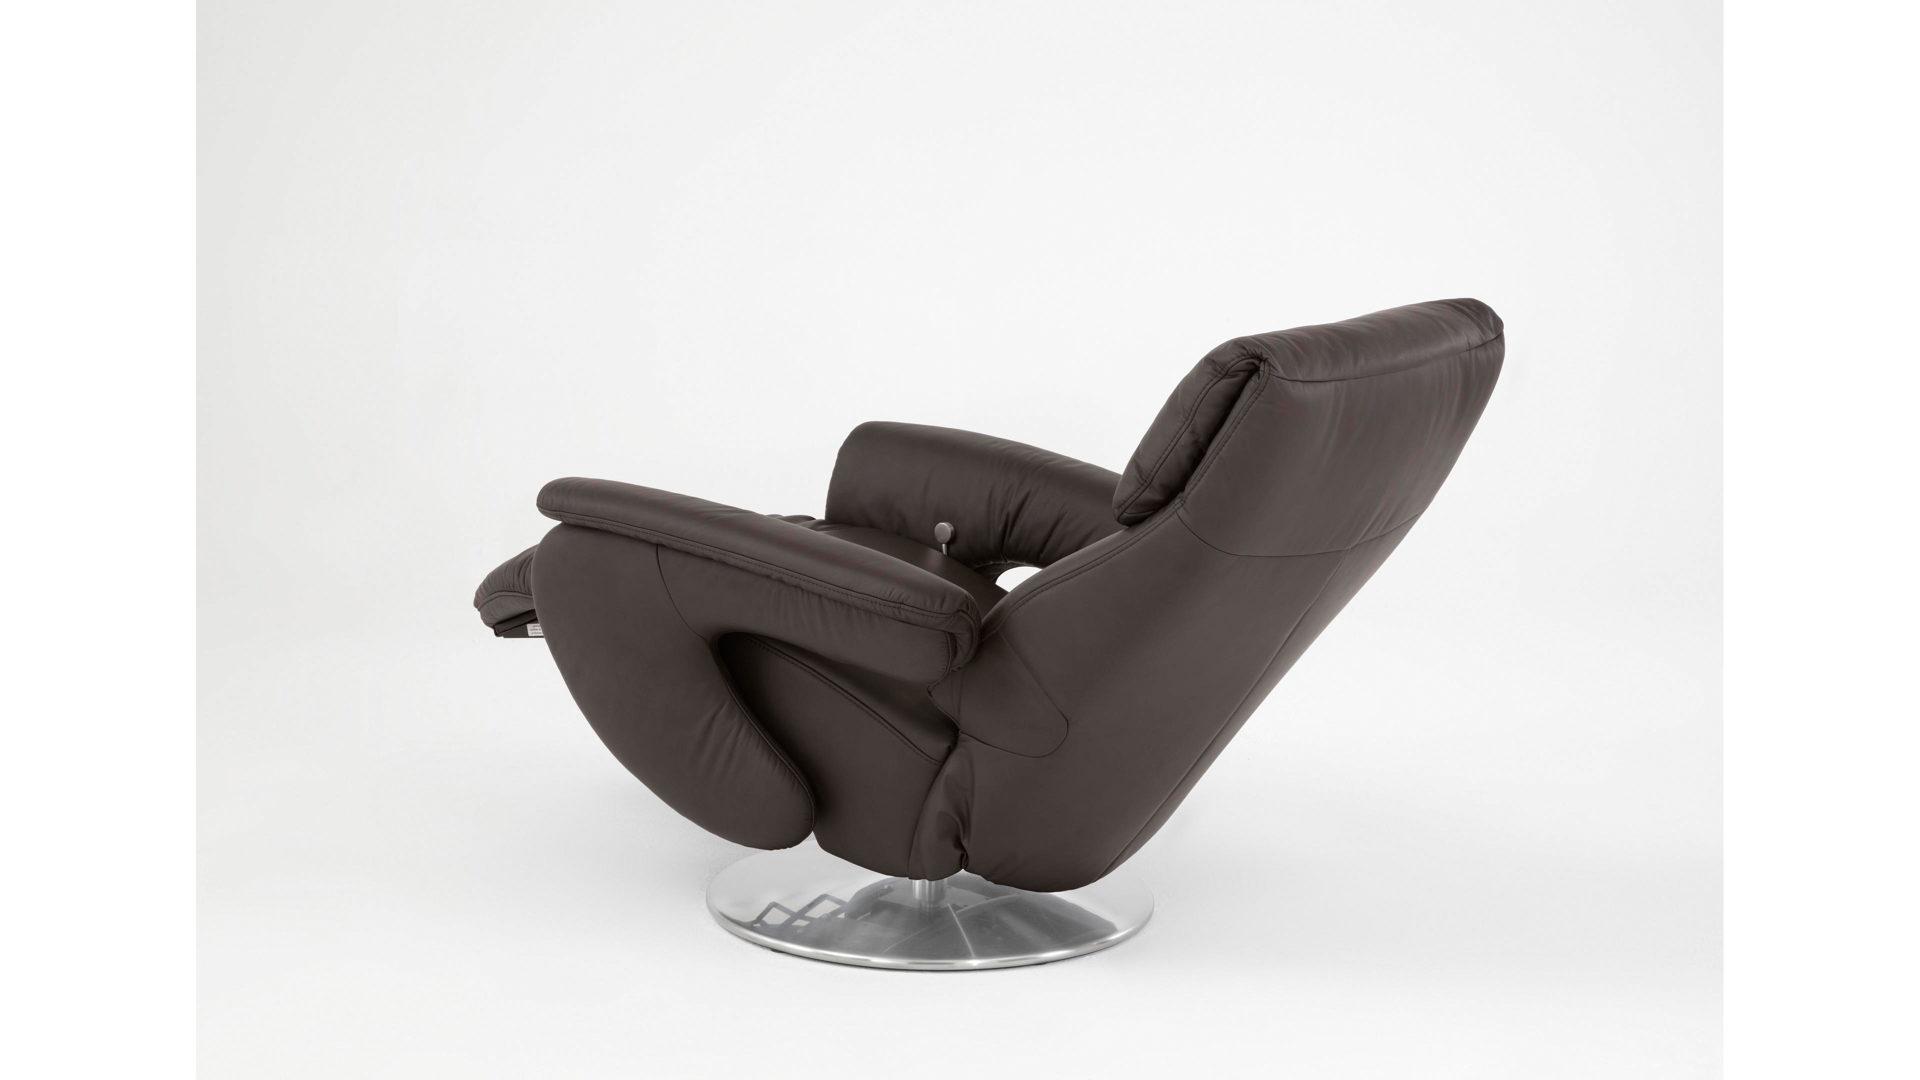 Relaxsessel mit hocker modern  Wohnland Breitwieser | Möbel A-Z | Sessel + Hocker | Relaxsessel ...